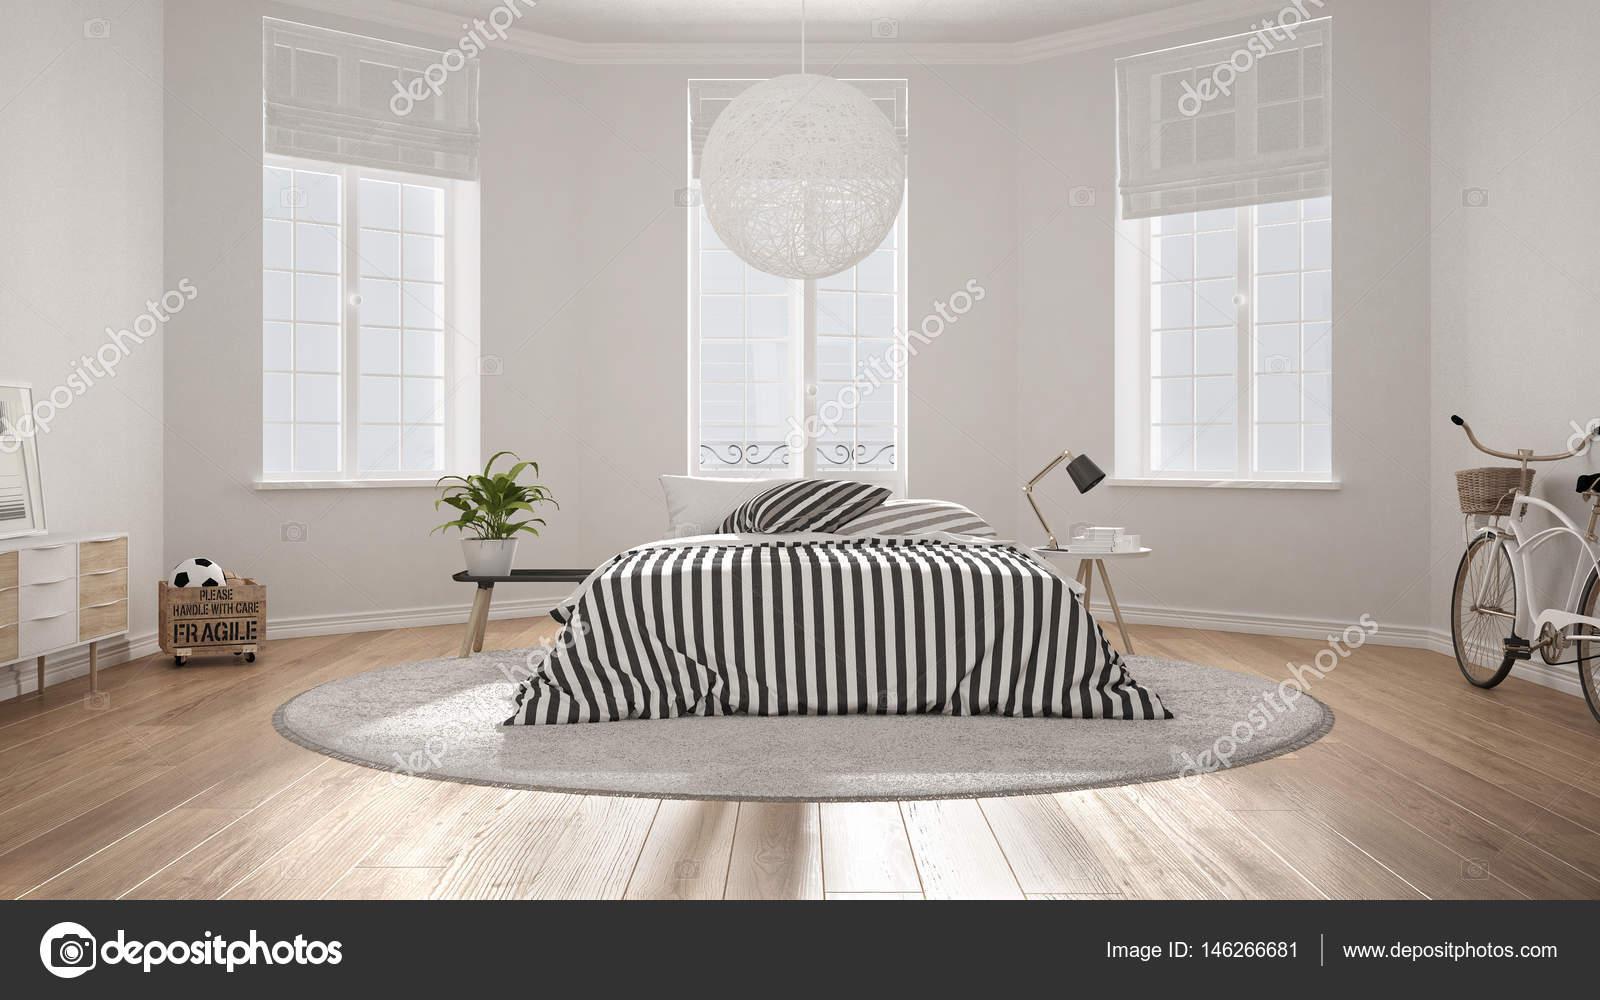 Minimalistische scandinavische wit slaapkamer klassieke modern